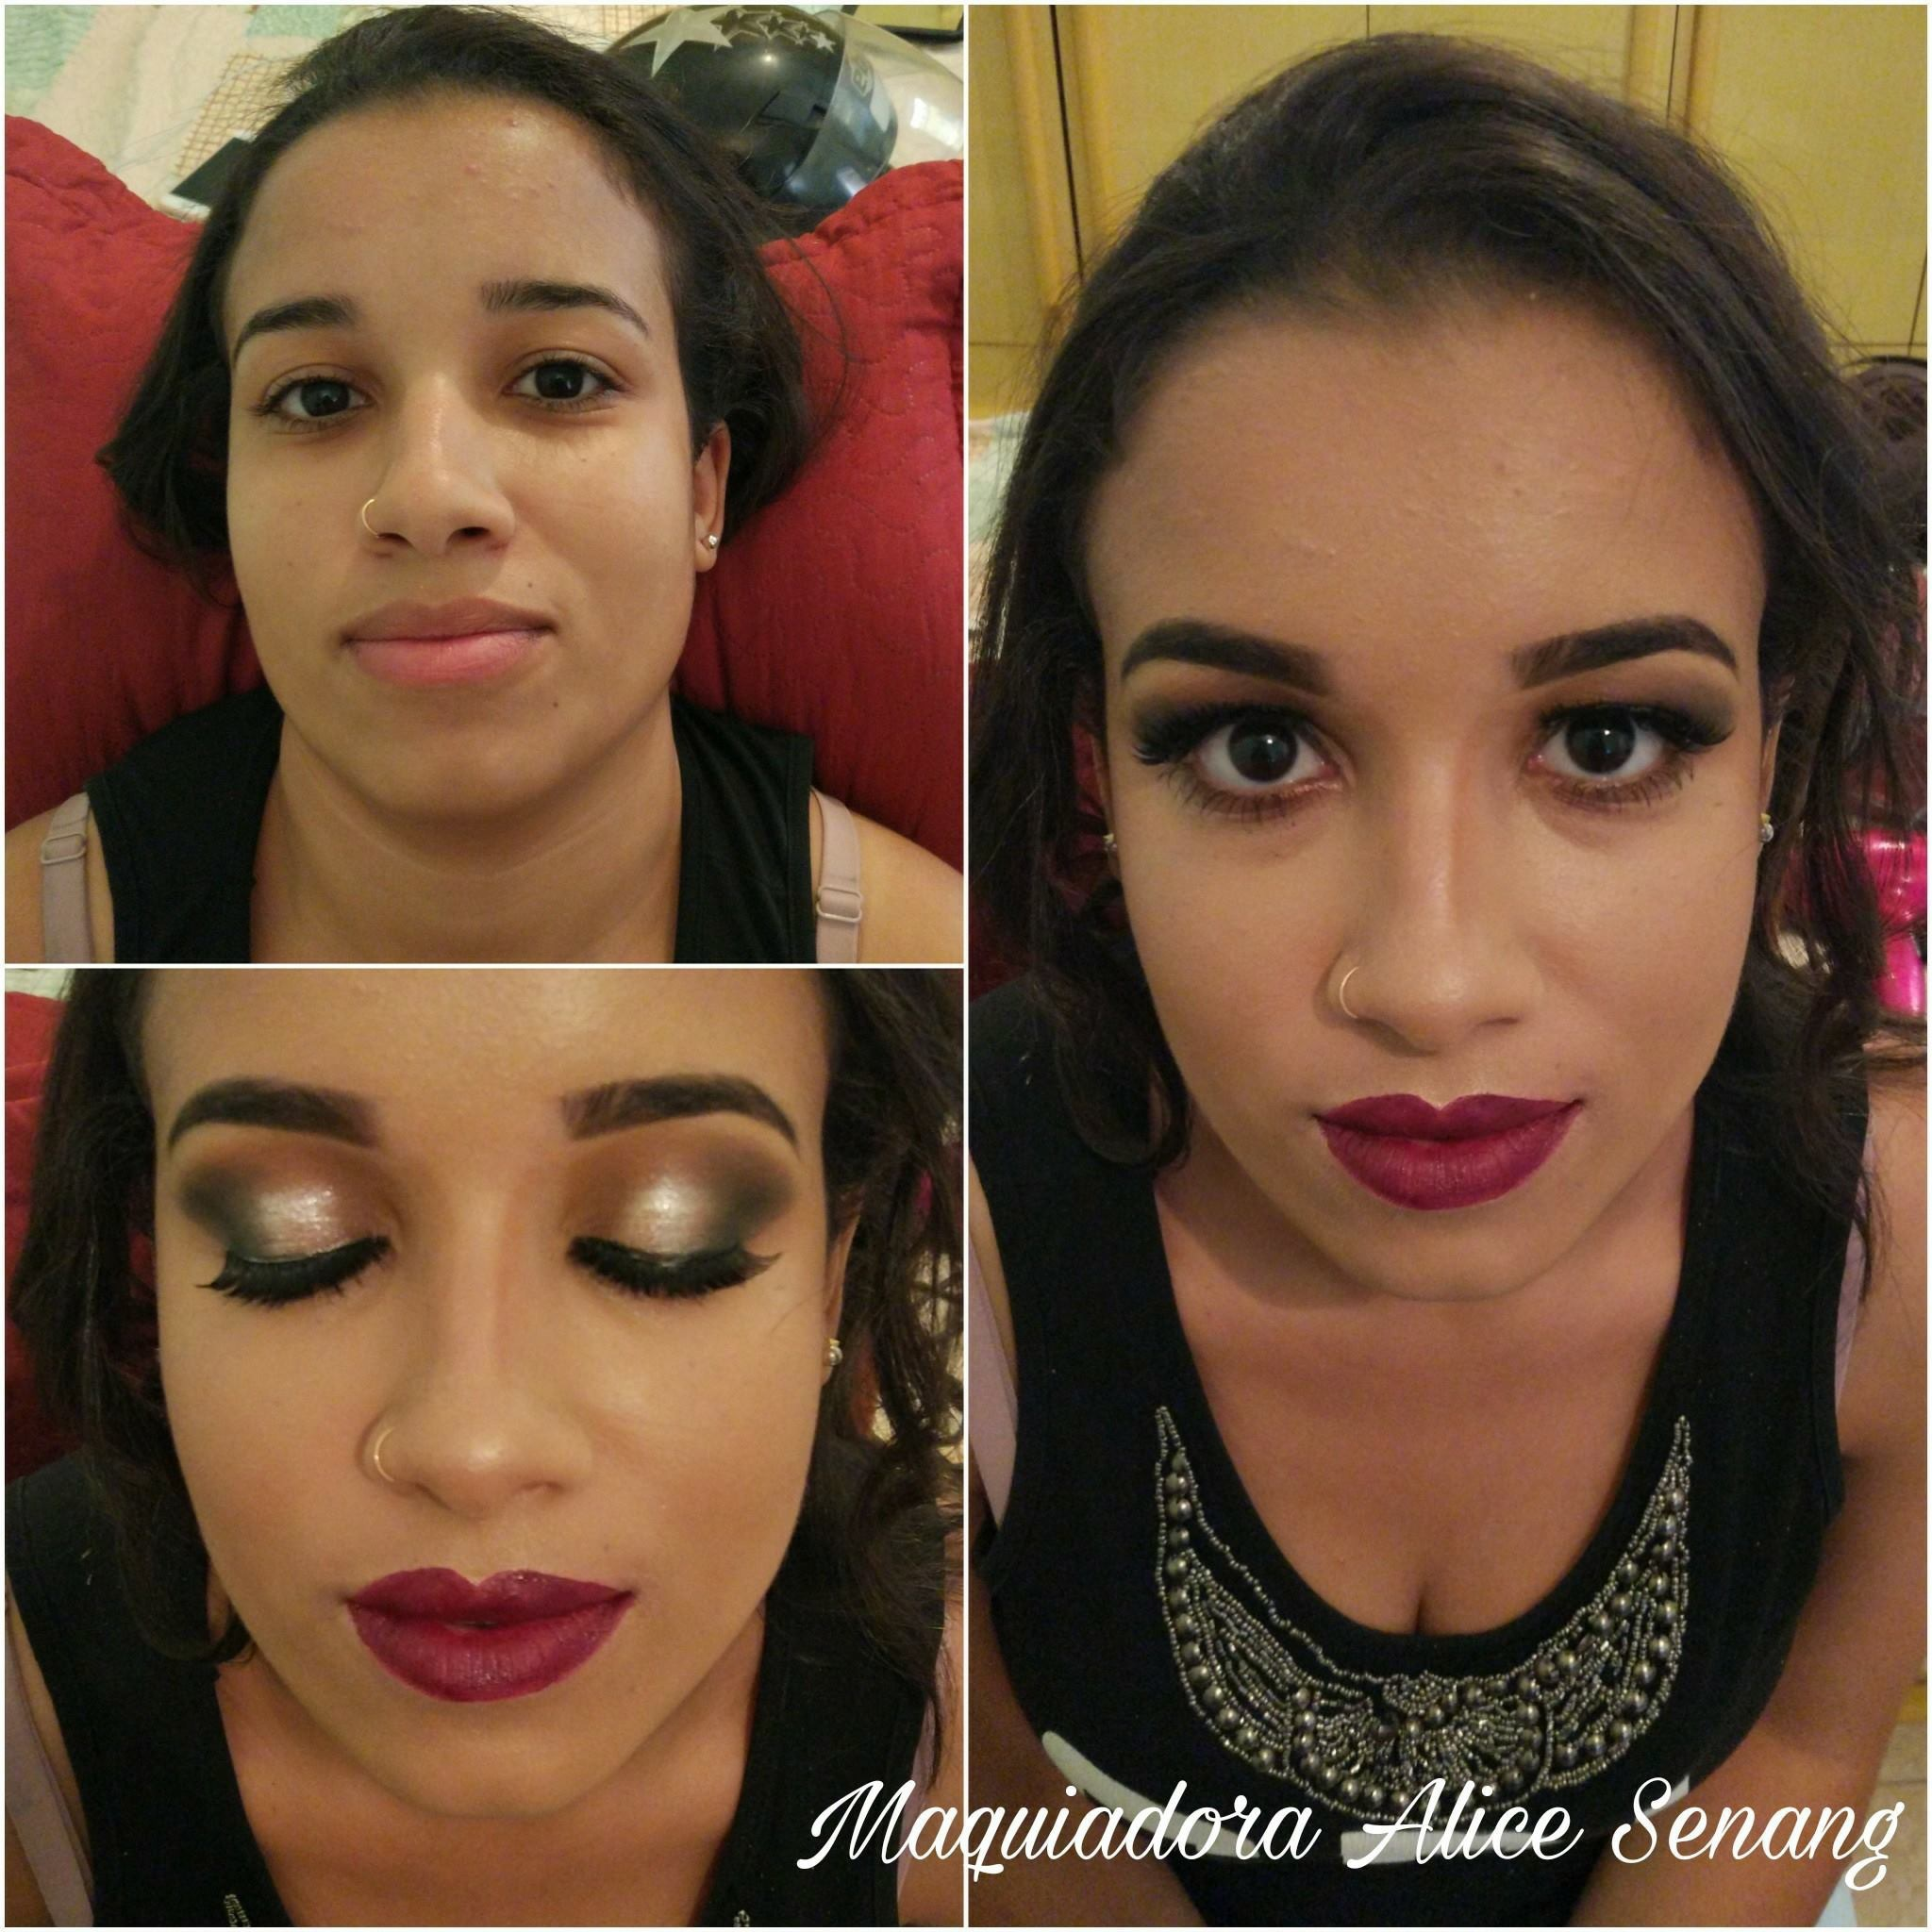 Maquiagem feita também com a técnica pálpebra de luz para uma formanda! #makeup #makeupprofessioal #palpebradeluz #formanda maquiagem maquiador(a) auxiliar cabeleireiro(a) recepcionista